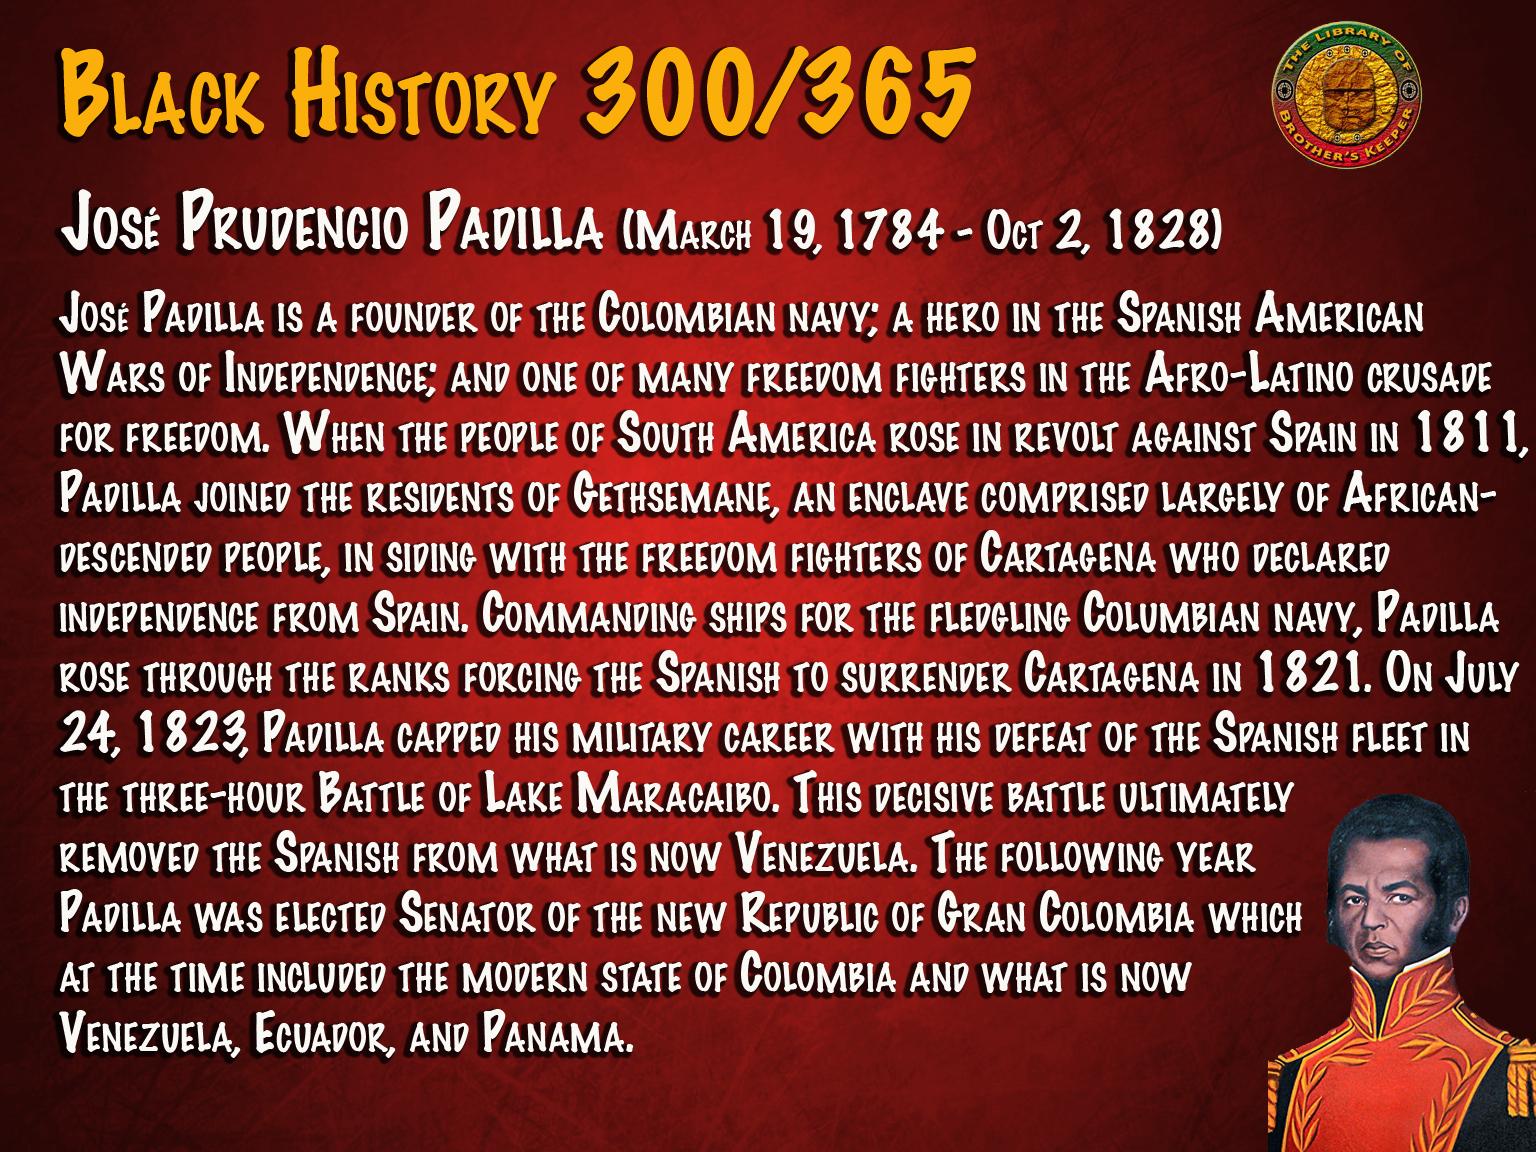 José Prudencio Padilla